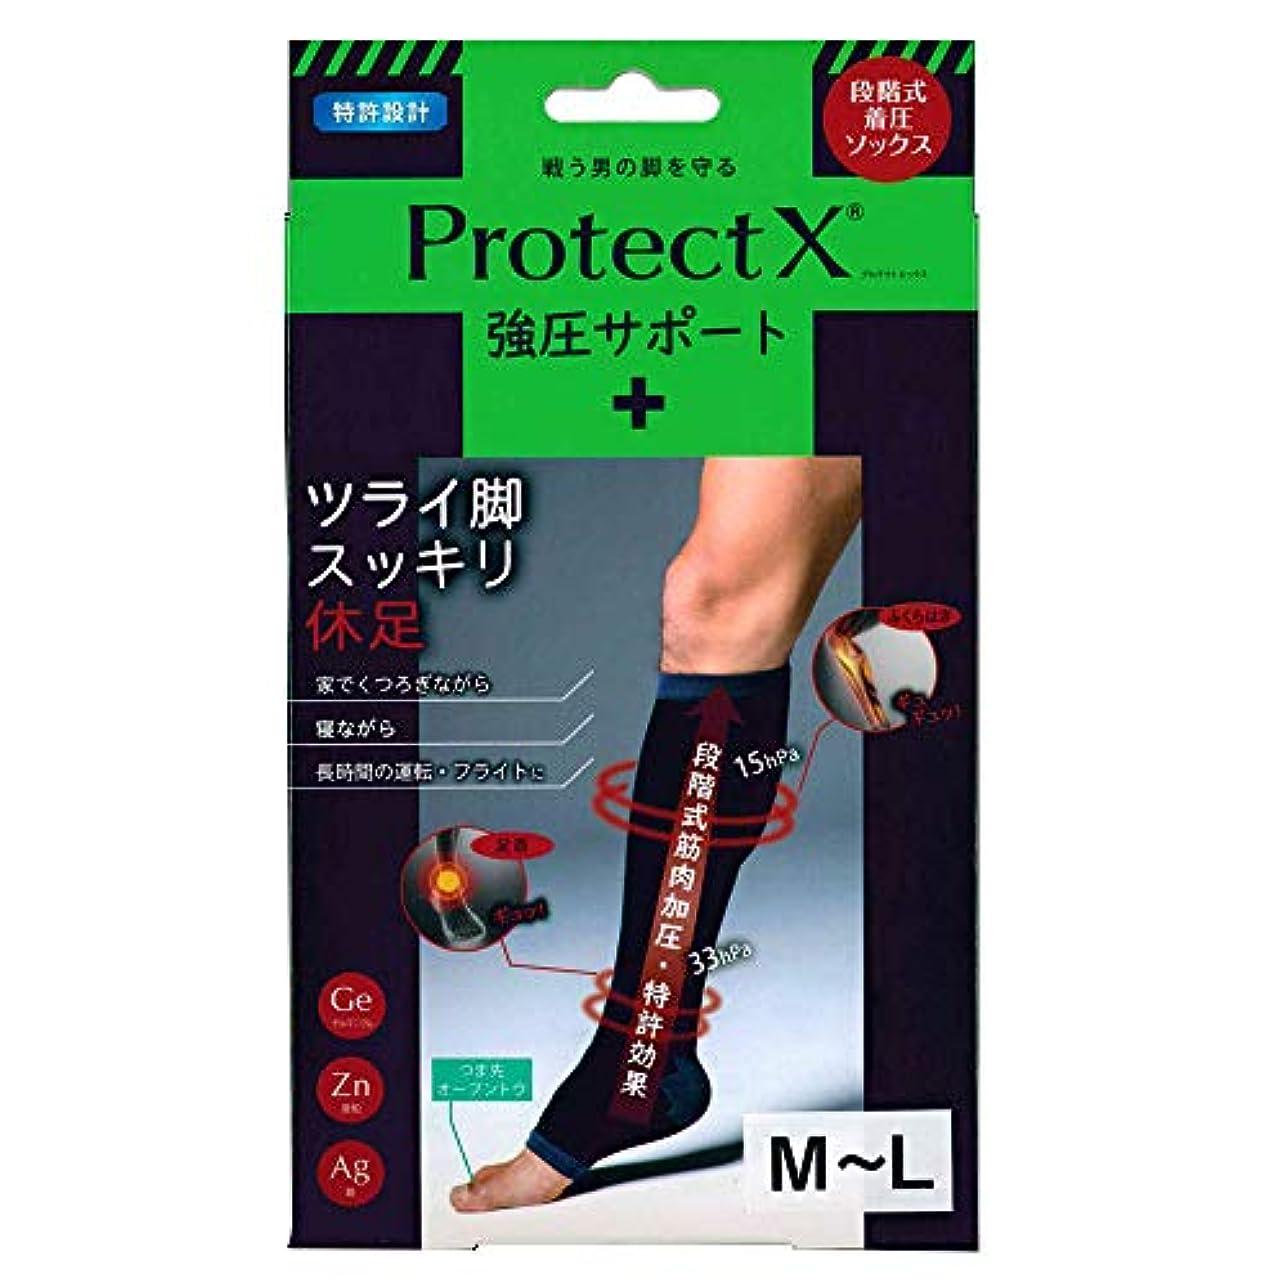 批判するにぎやか離婚Protect X(プロテクトエックス) 強圧サポート オープントゥ着圧ソックス 膝下 (膝下M-L)